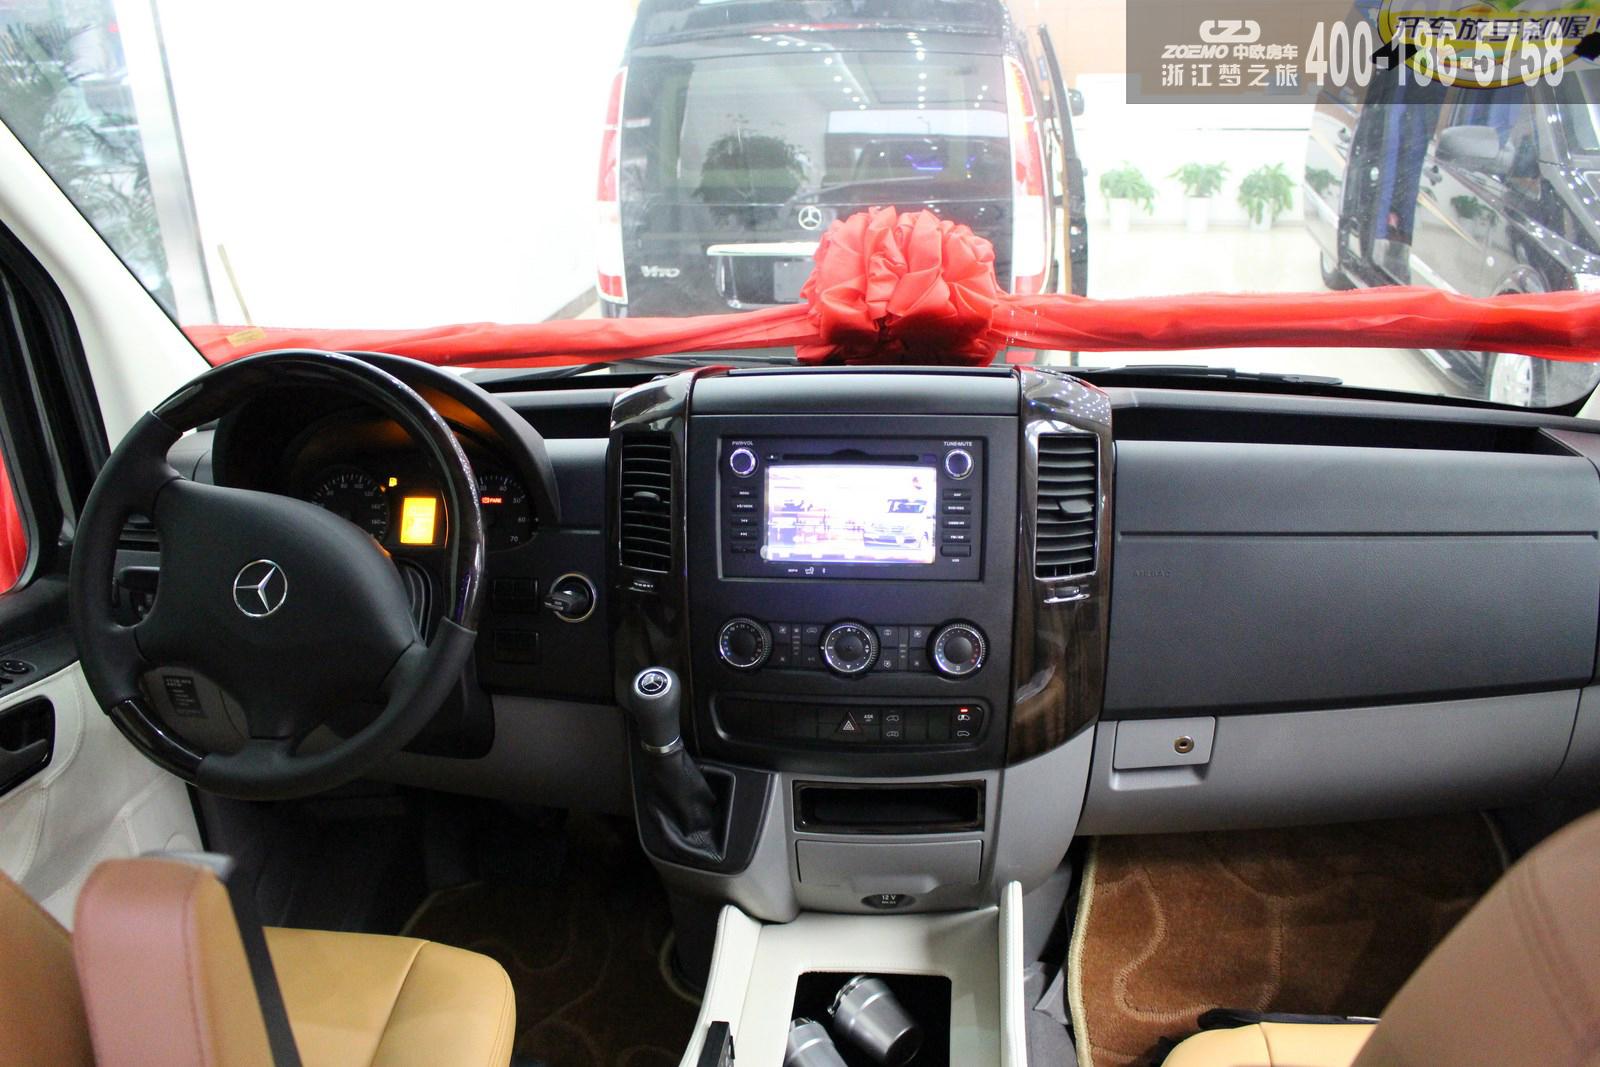 奔驰汽车中控台按钮图解